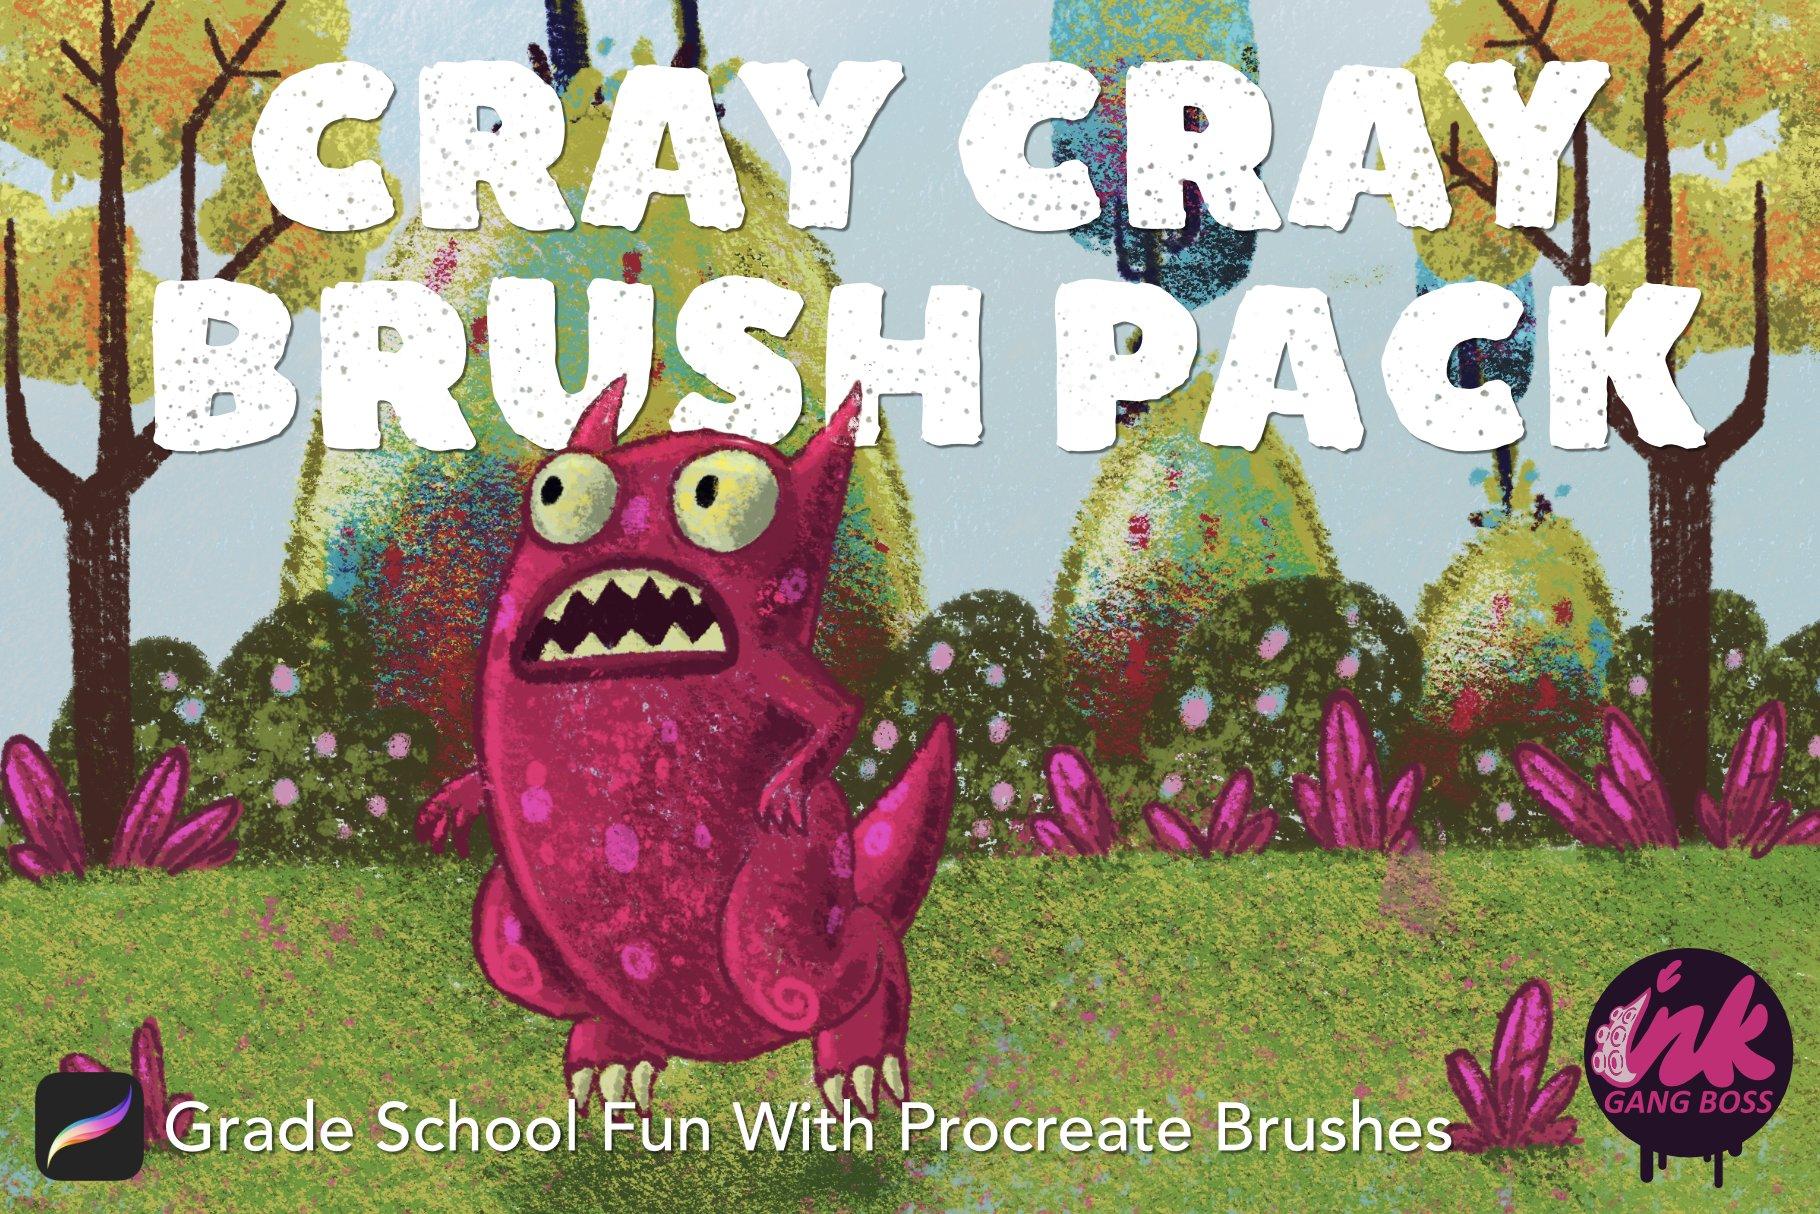 潮流粗糙漫画风蜡笔绘画效果Procreate笔刷套装 Procreate Cray Cray Brush Pack插图